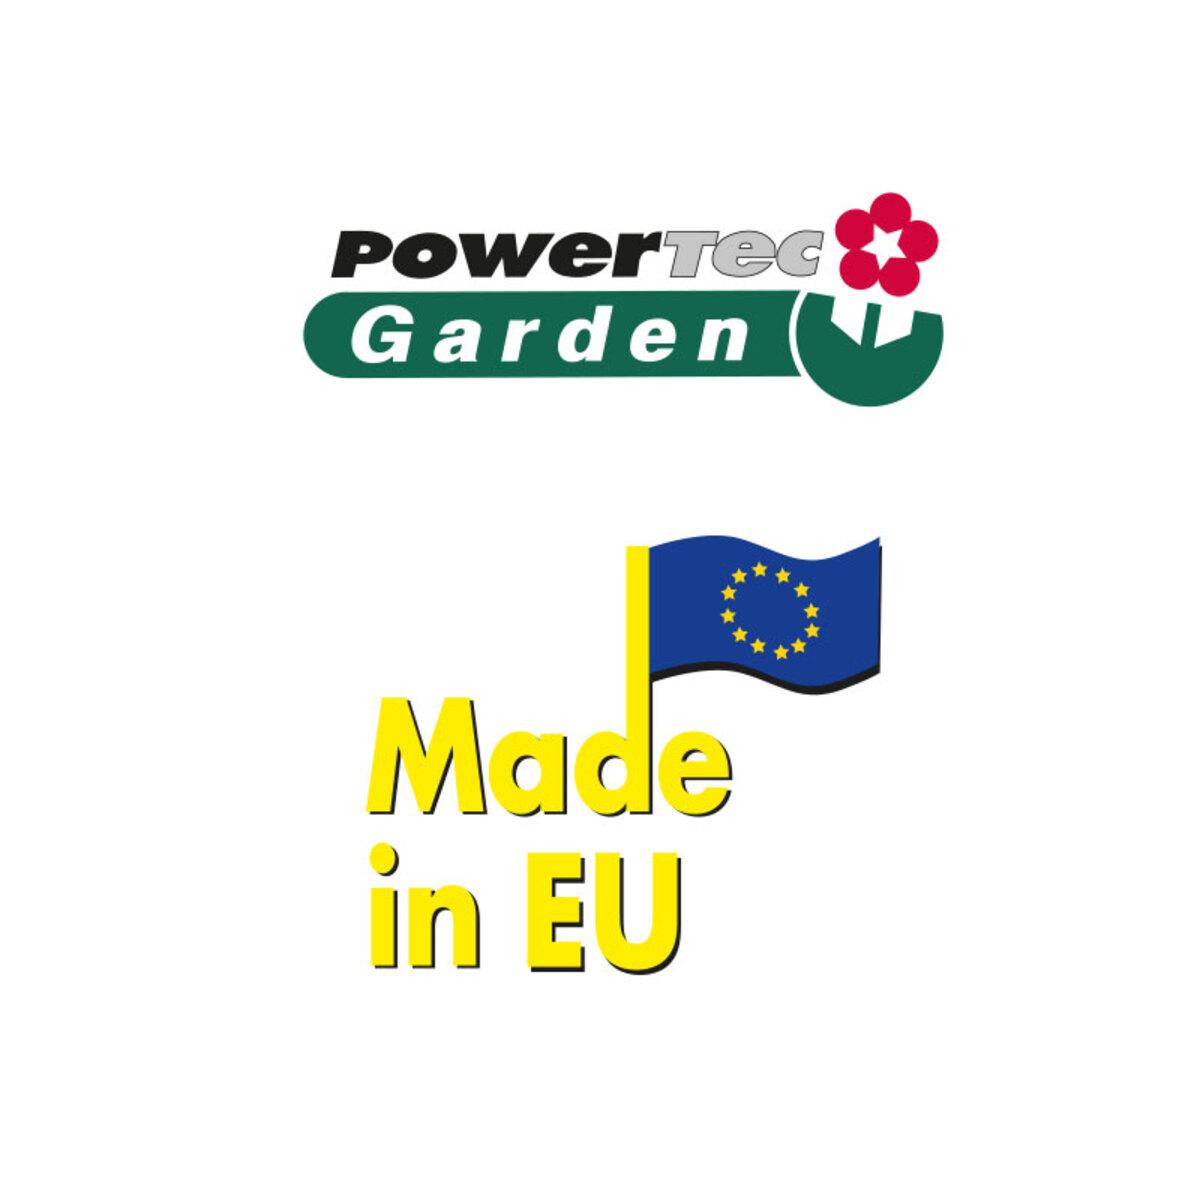 Bild 4 von Powertec Garden Design Pflanzsäule mit Einsatz in Rattanoptik anthrazit 62 cm